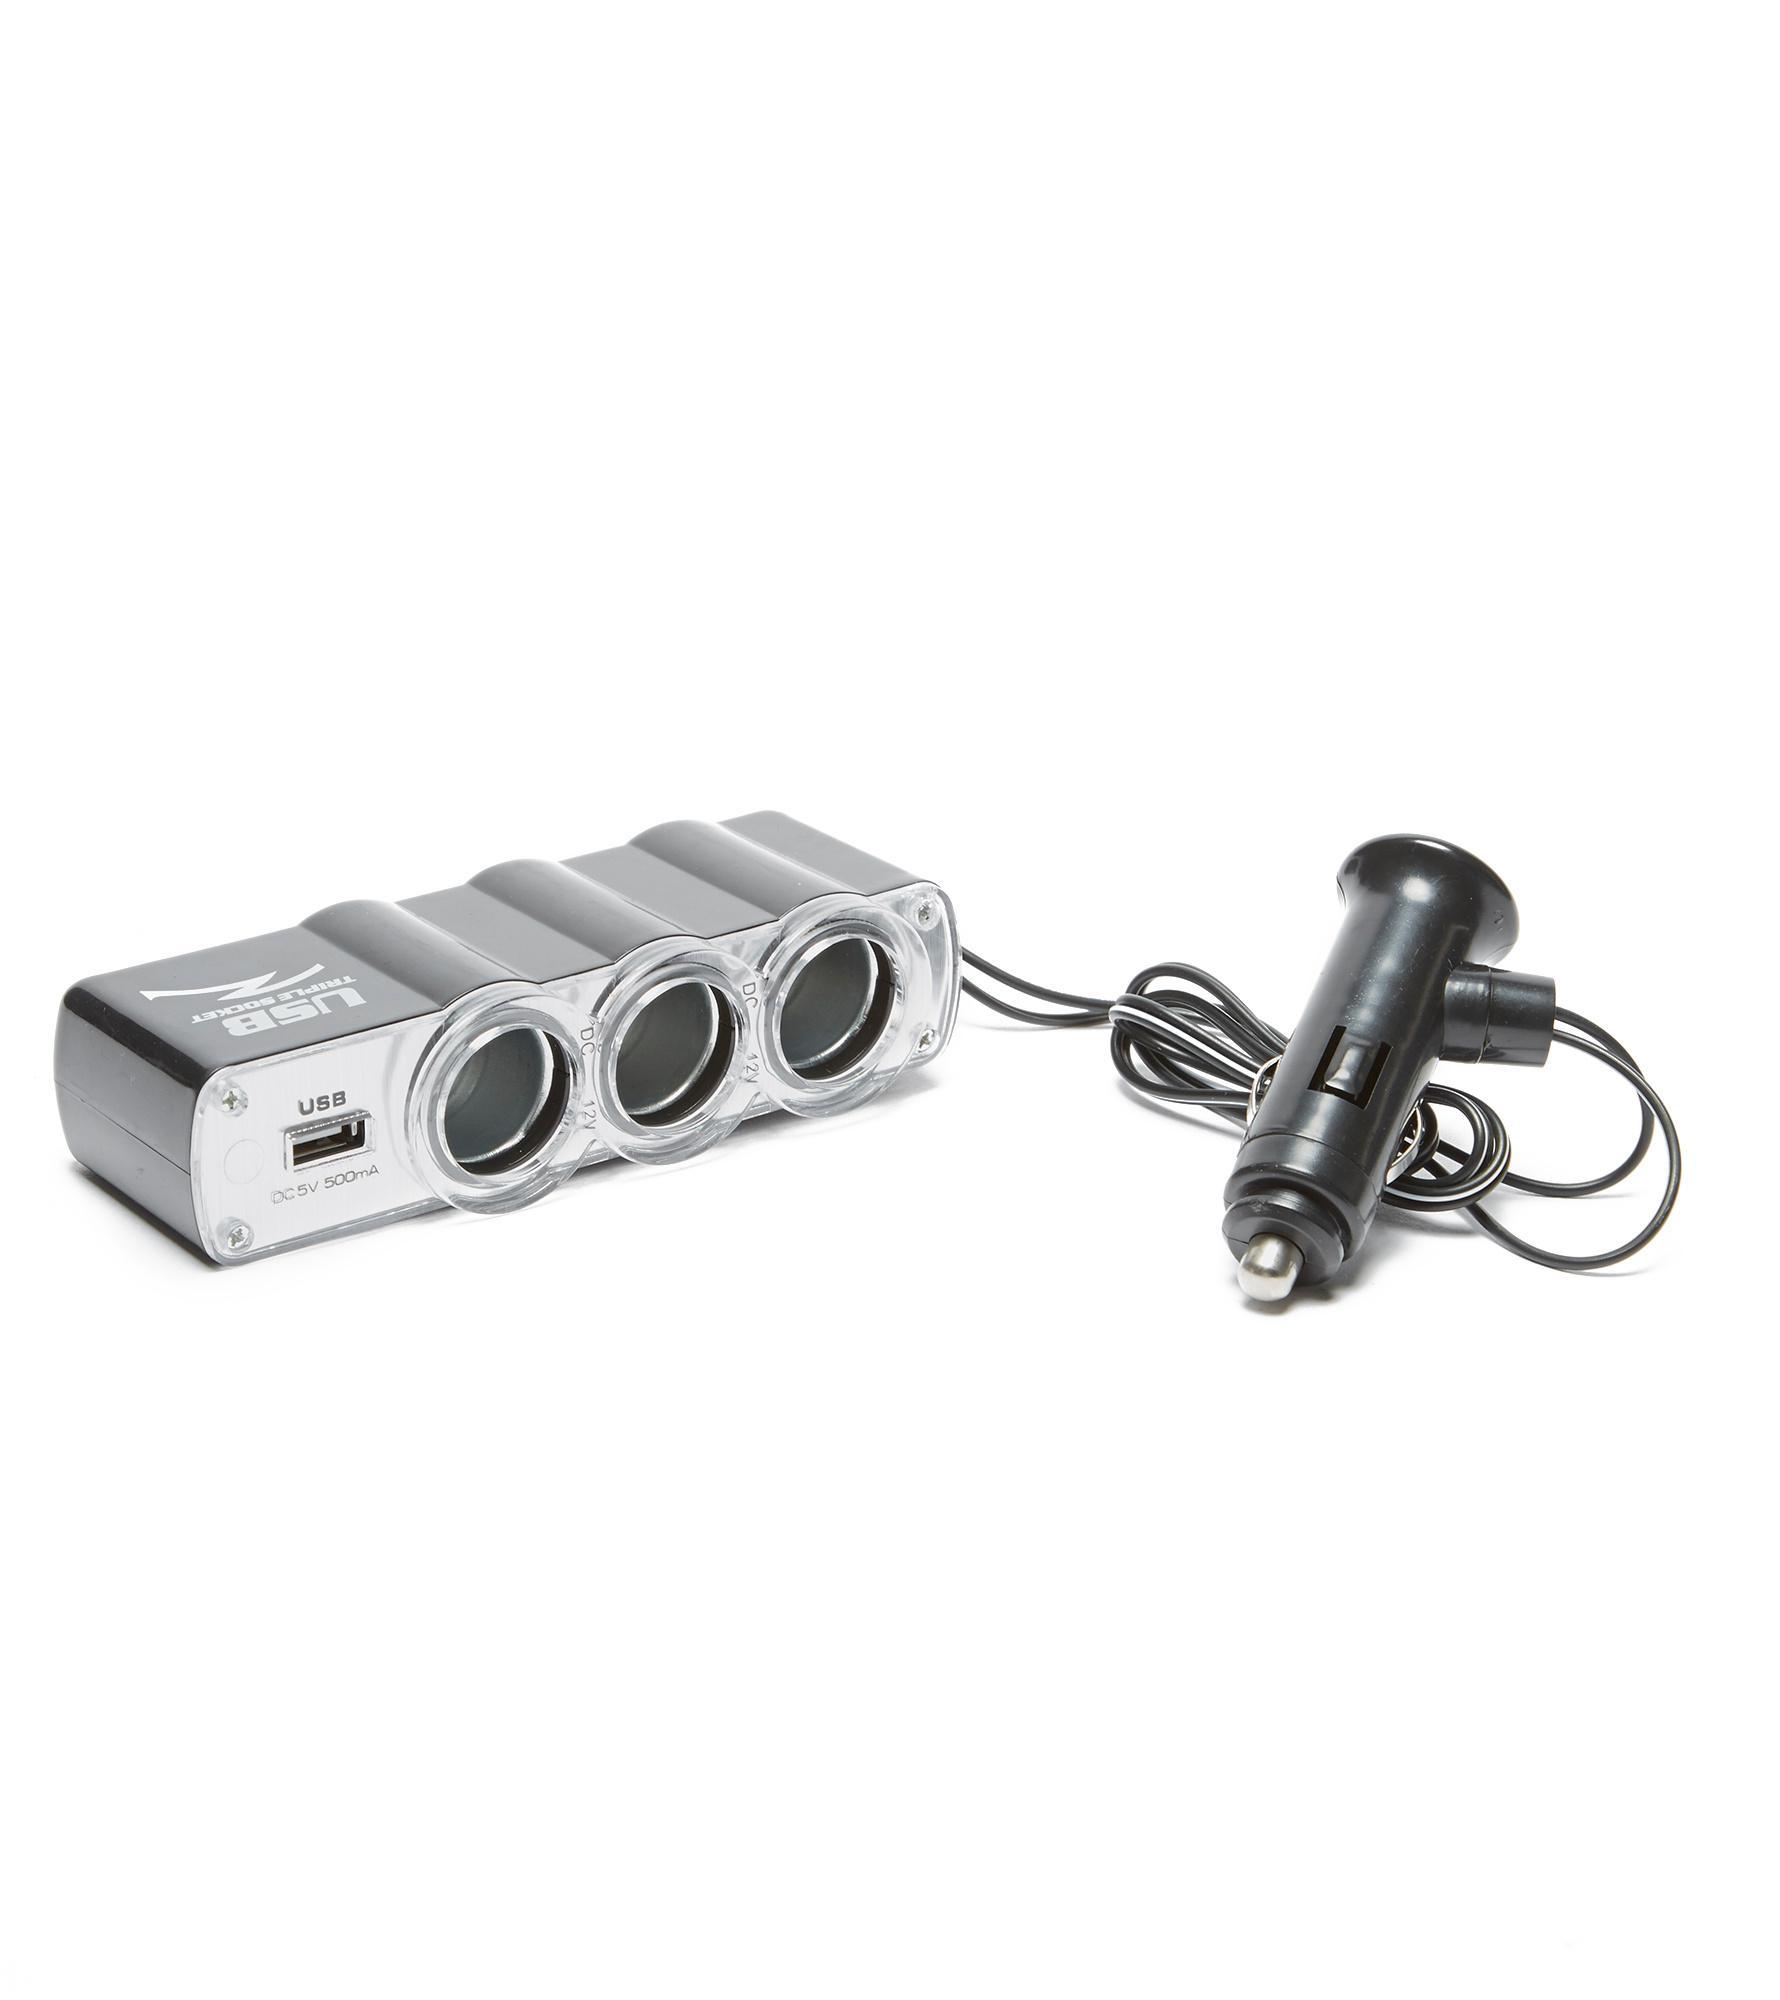 Boyz Toys Car Power Adapter - Silver, Silver